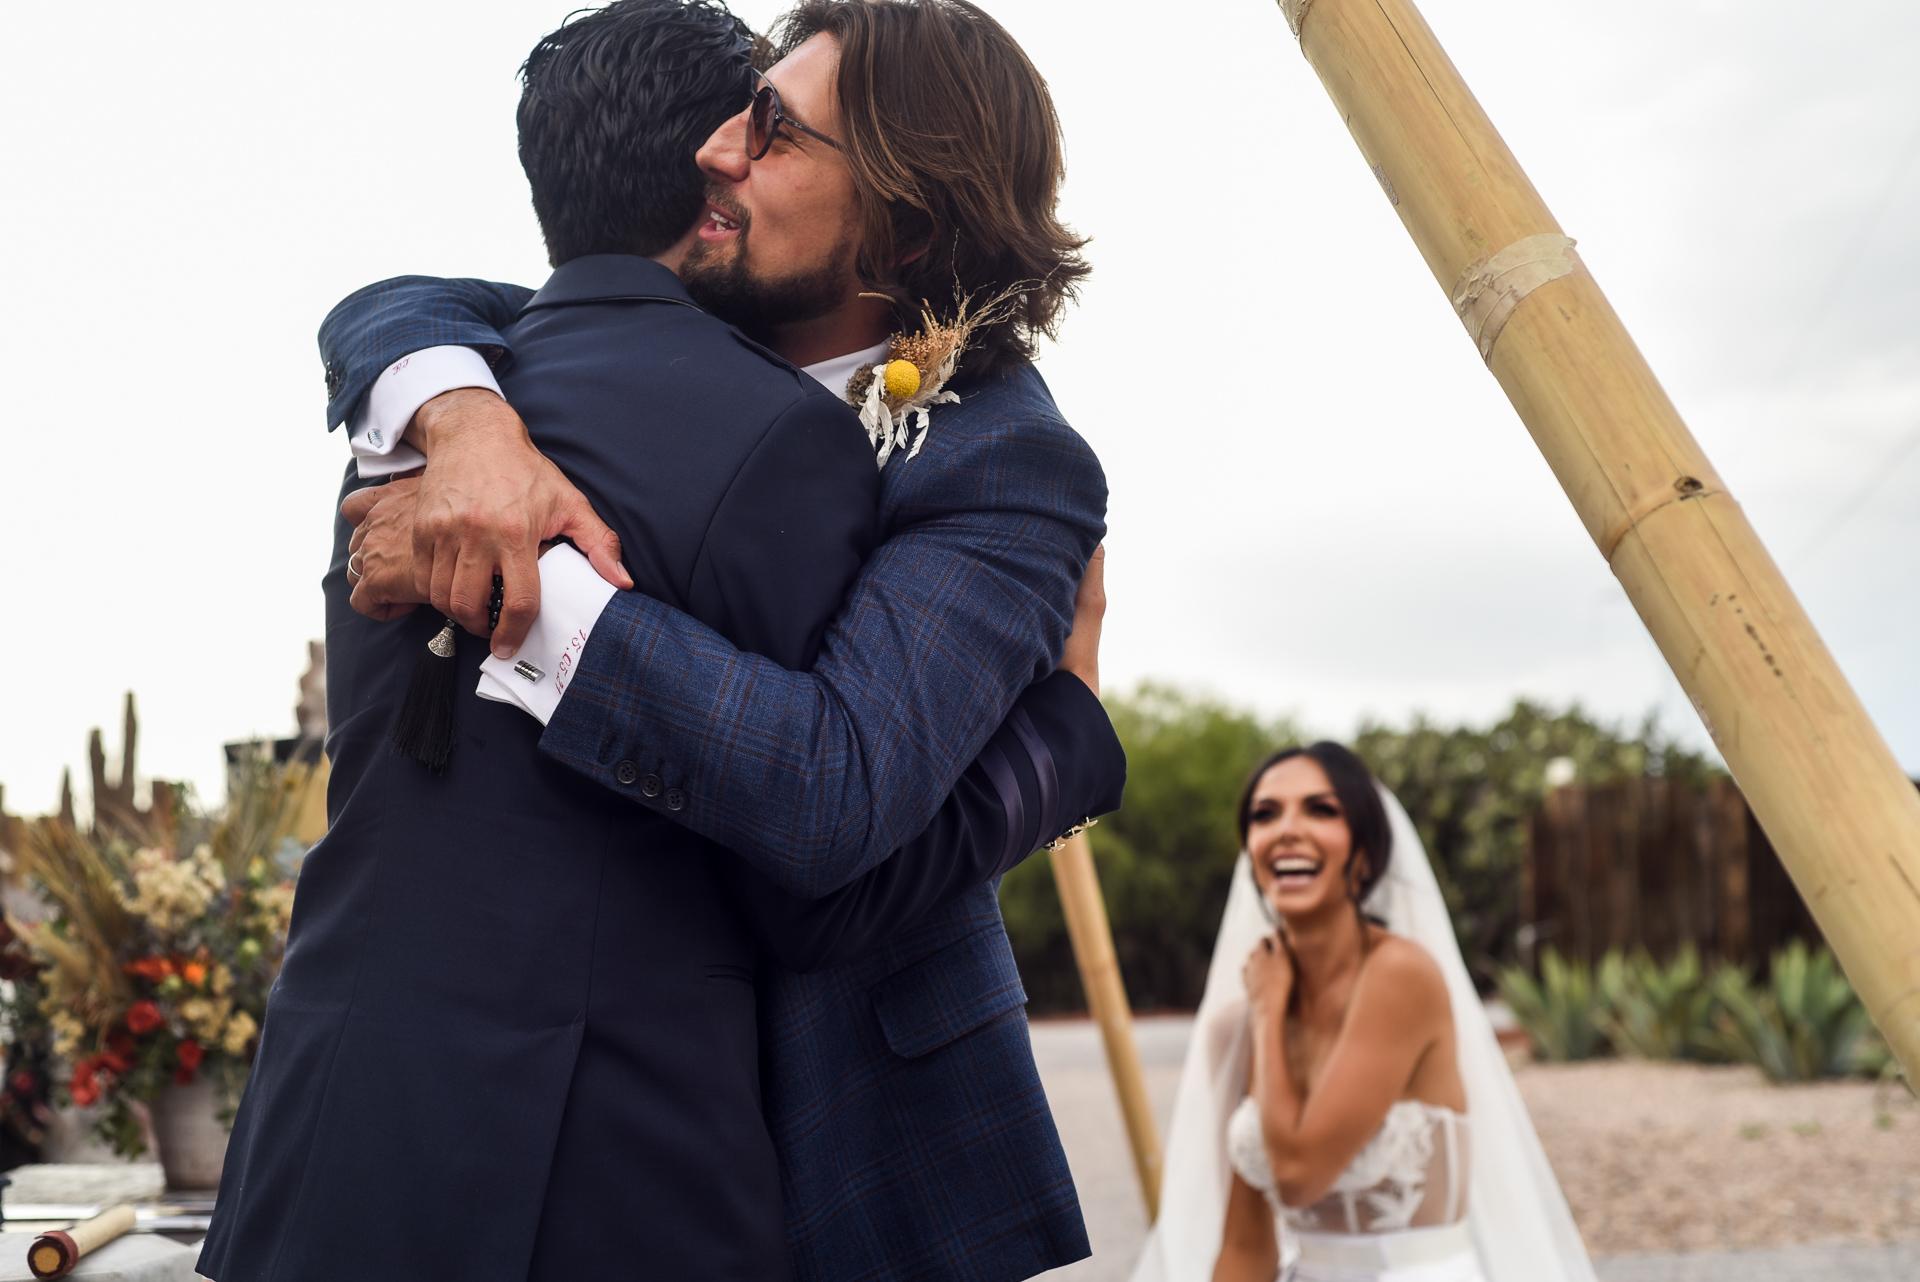 Photographie de mariage à San Miguel de Allende | Le marié embrasse son témoin après avoir terminé son discours émouvant et édifiant